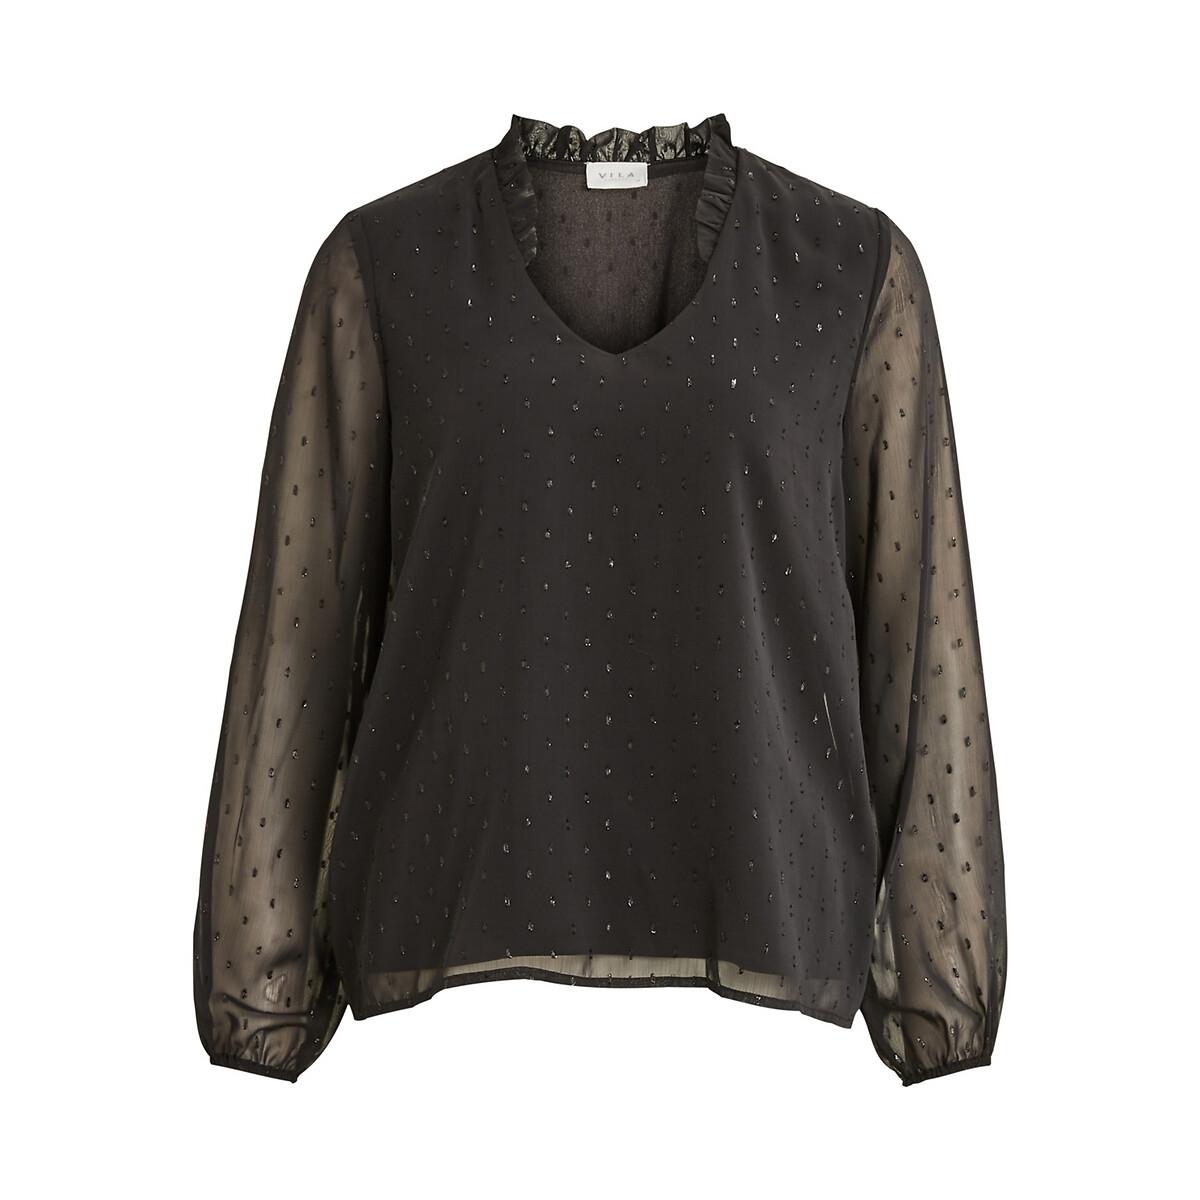 Блузка LaRedoute С v-образным вырезом длинные рукава фольга 38 (FR) - 44 (RUS) черный рубашка laredoute ночная с v образным вырезом цветочный принт 38 40 fr 44 46 rus синий